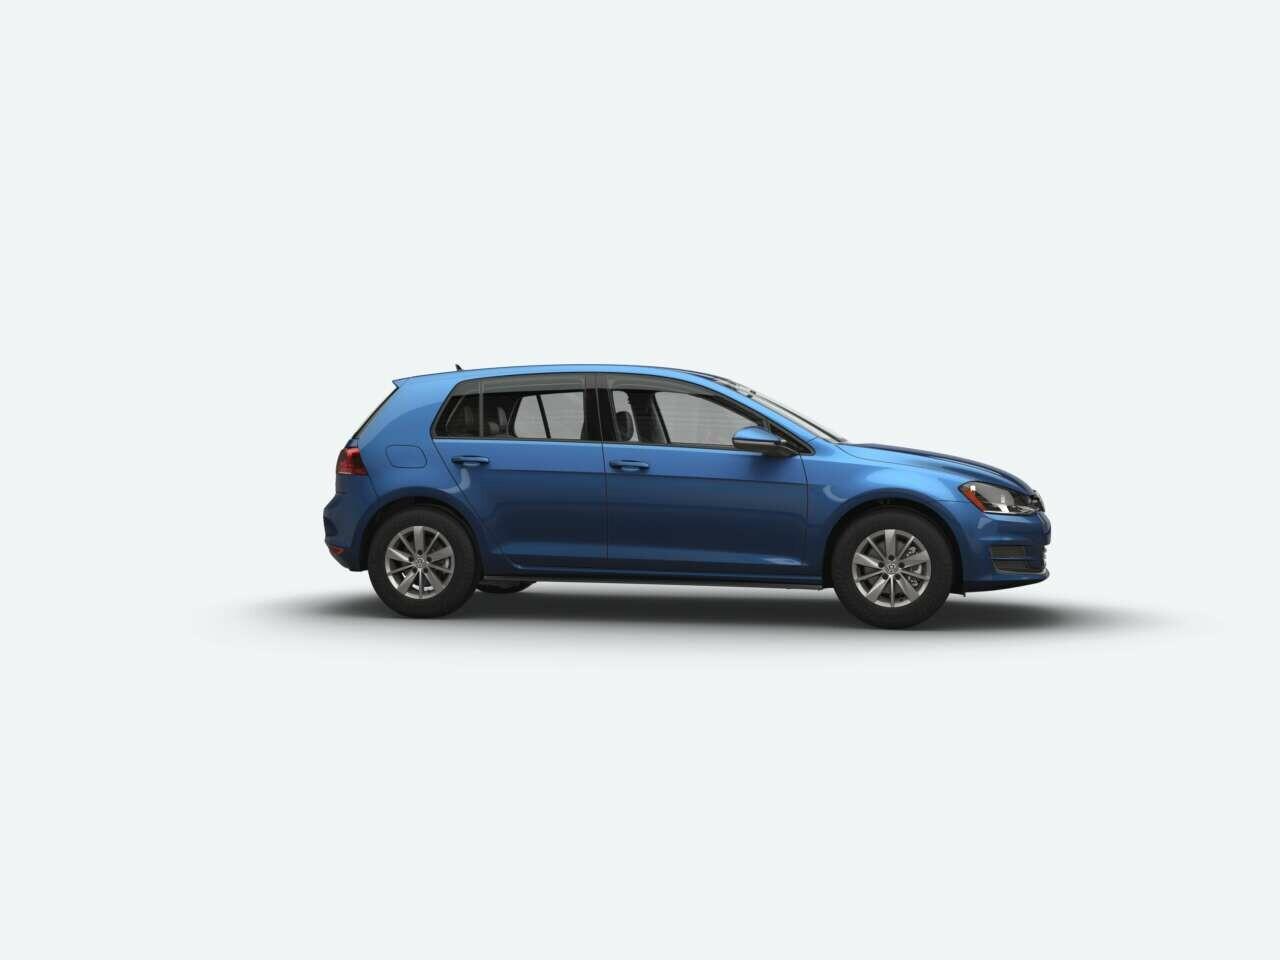 tdi vehicleimage estate passat volkswagen diesel hire se contract leasing business